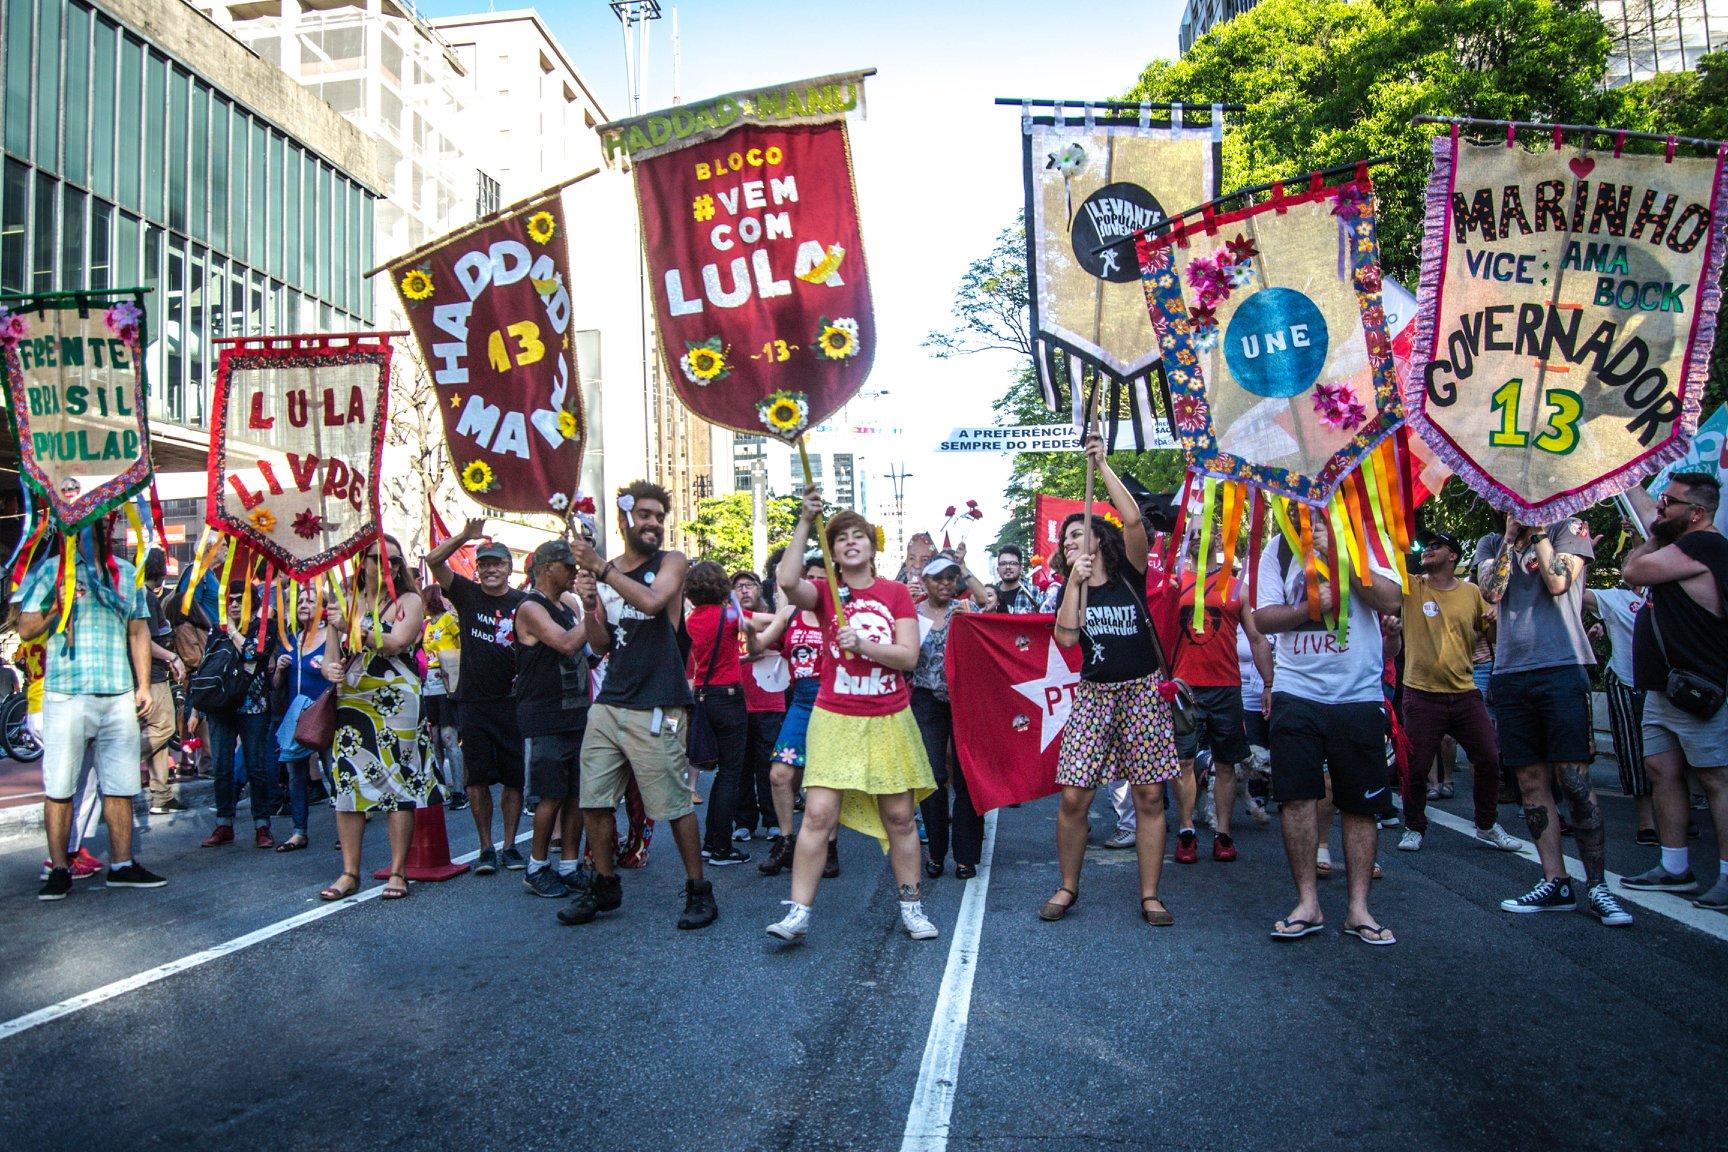 FOTO12A-Bloco vem com Lula